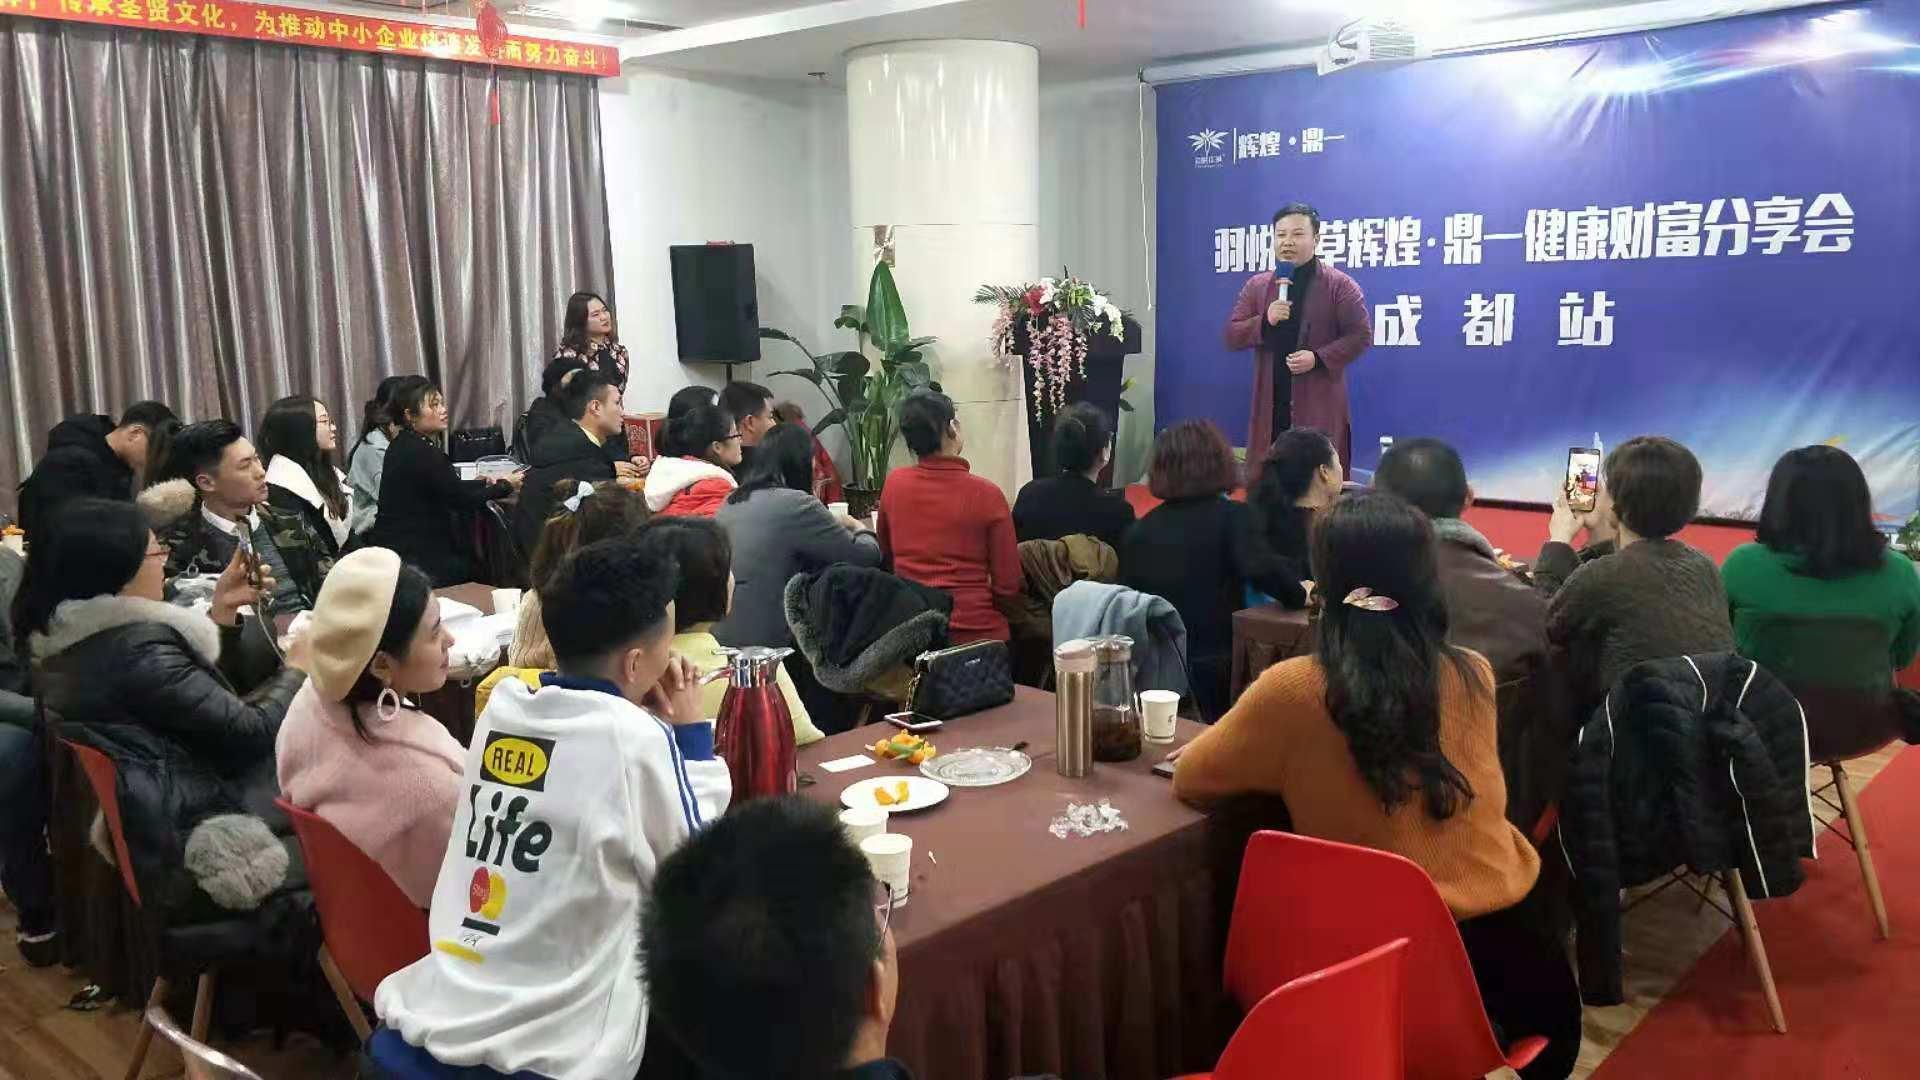 众赏国际创始人浩源老师协助国学妈妈五行导师团彭若宁老师打造羽悦本草健康财富分享会